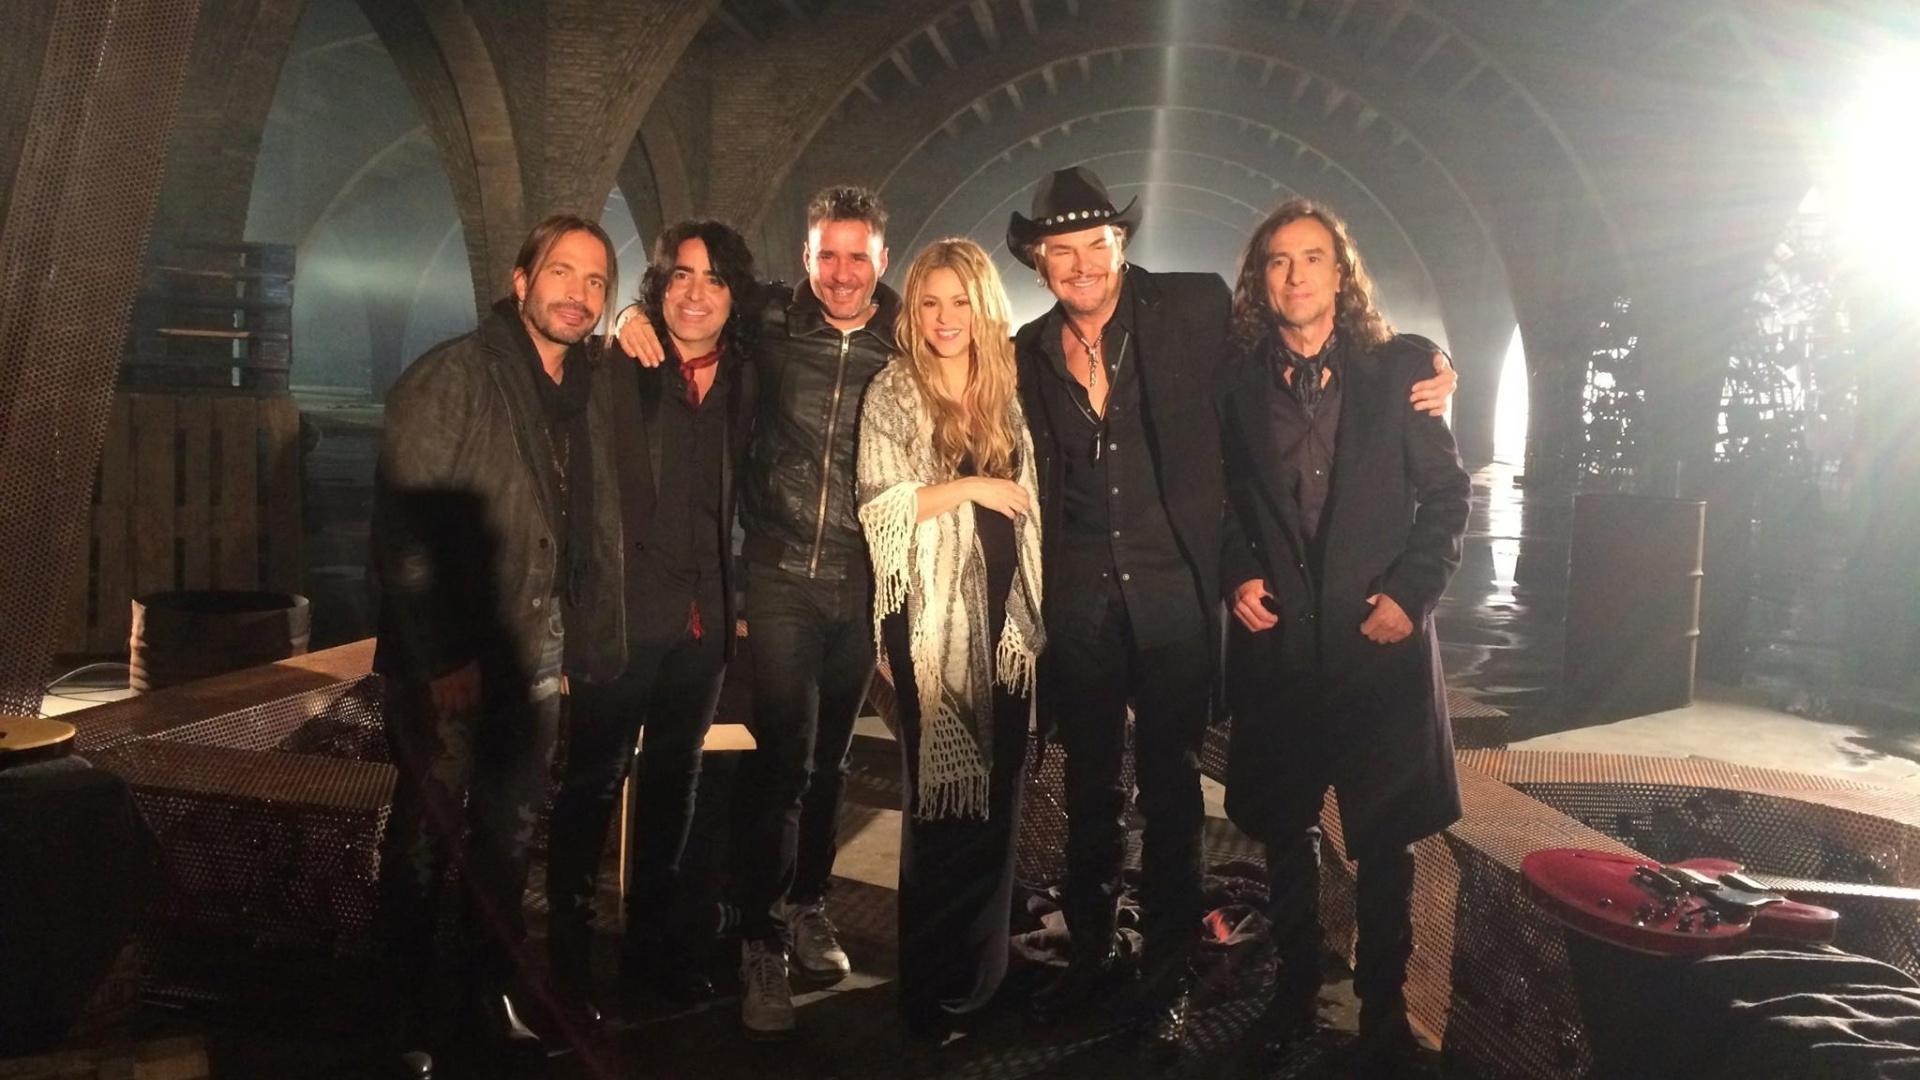 Shakira e o grupo mexicano Maná lançam a música